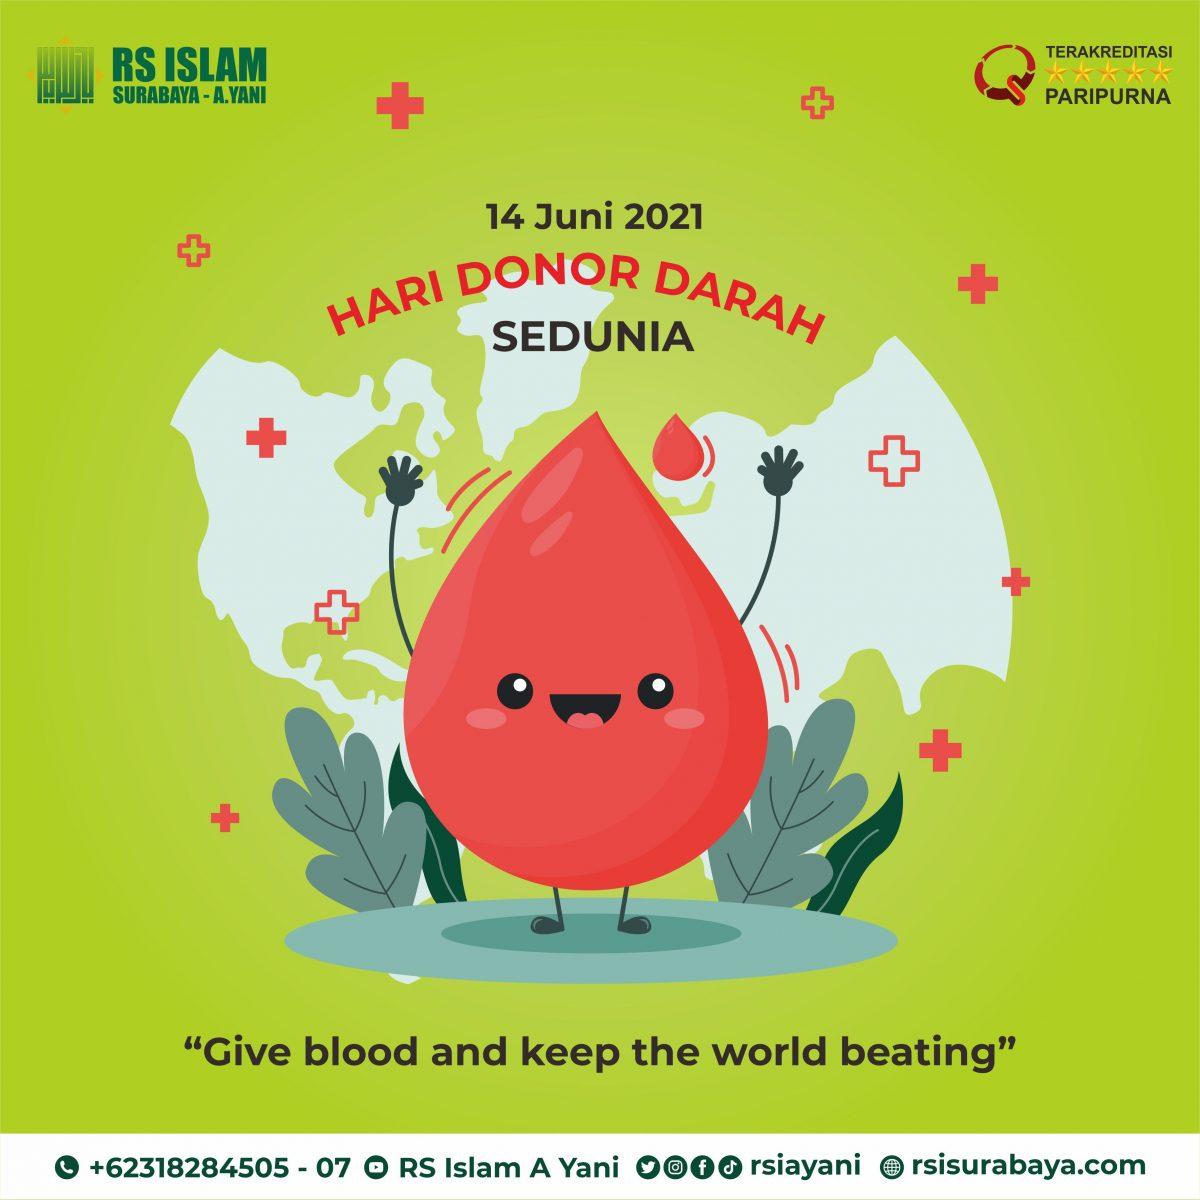 Donor-darah-1200x1200.jpg